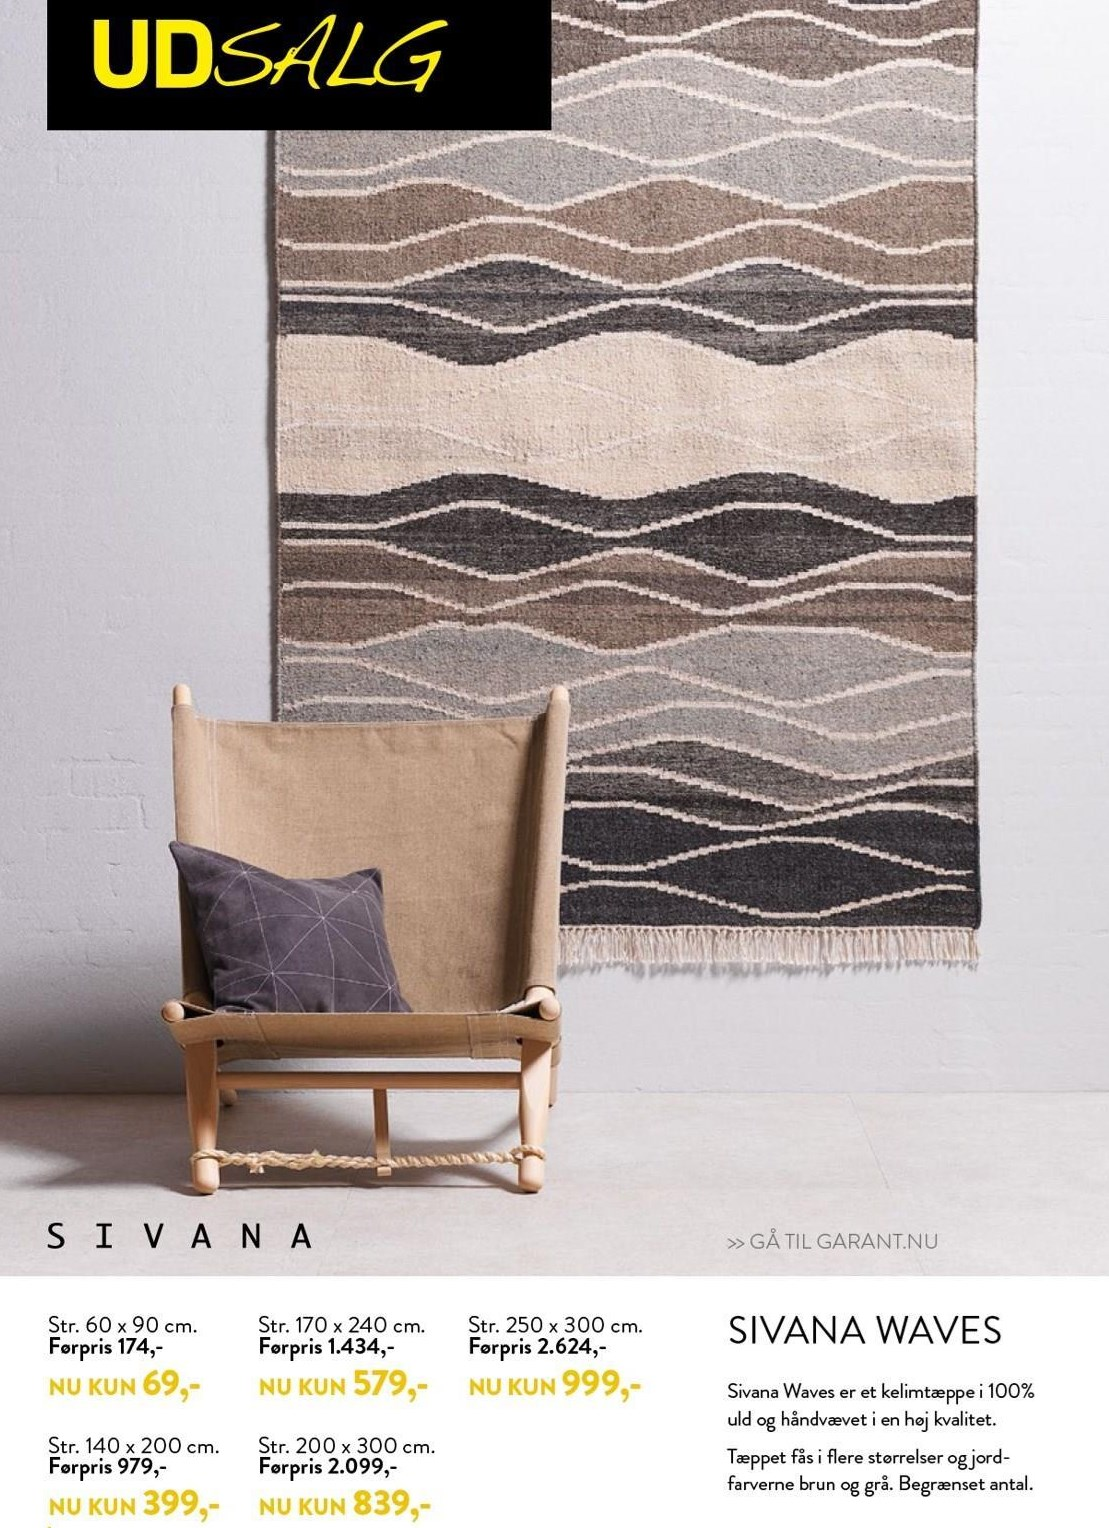 Sivana waves